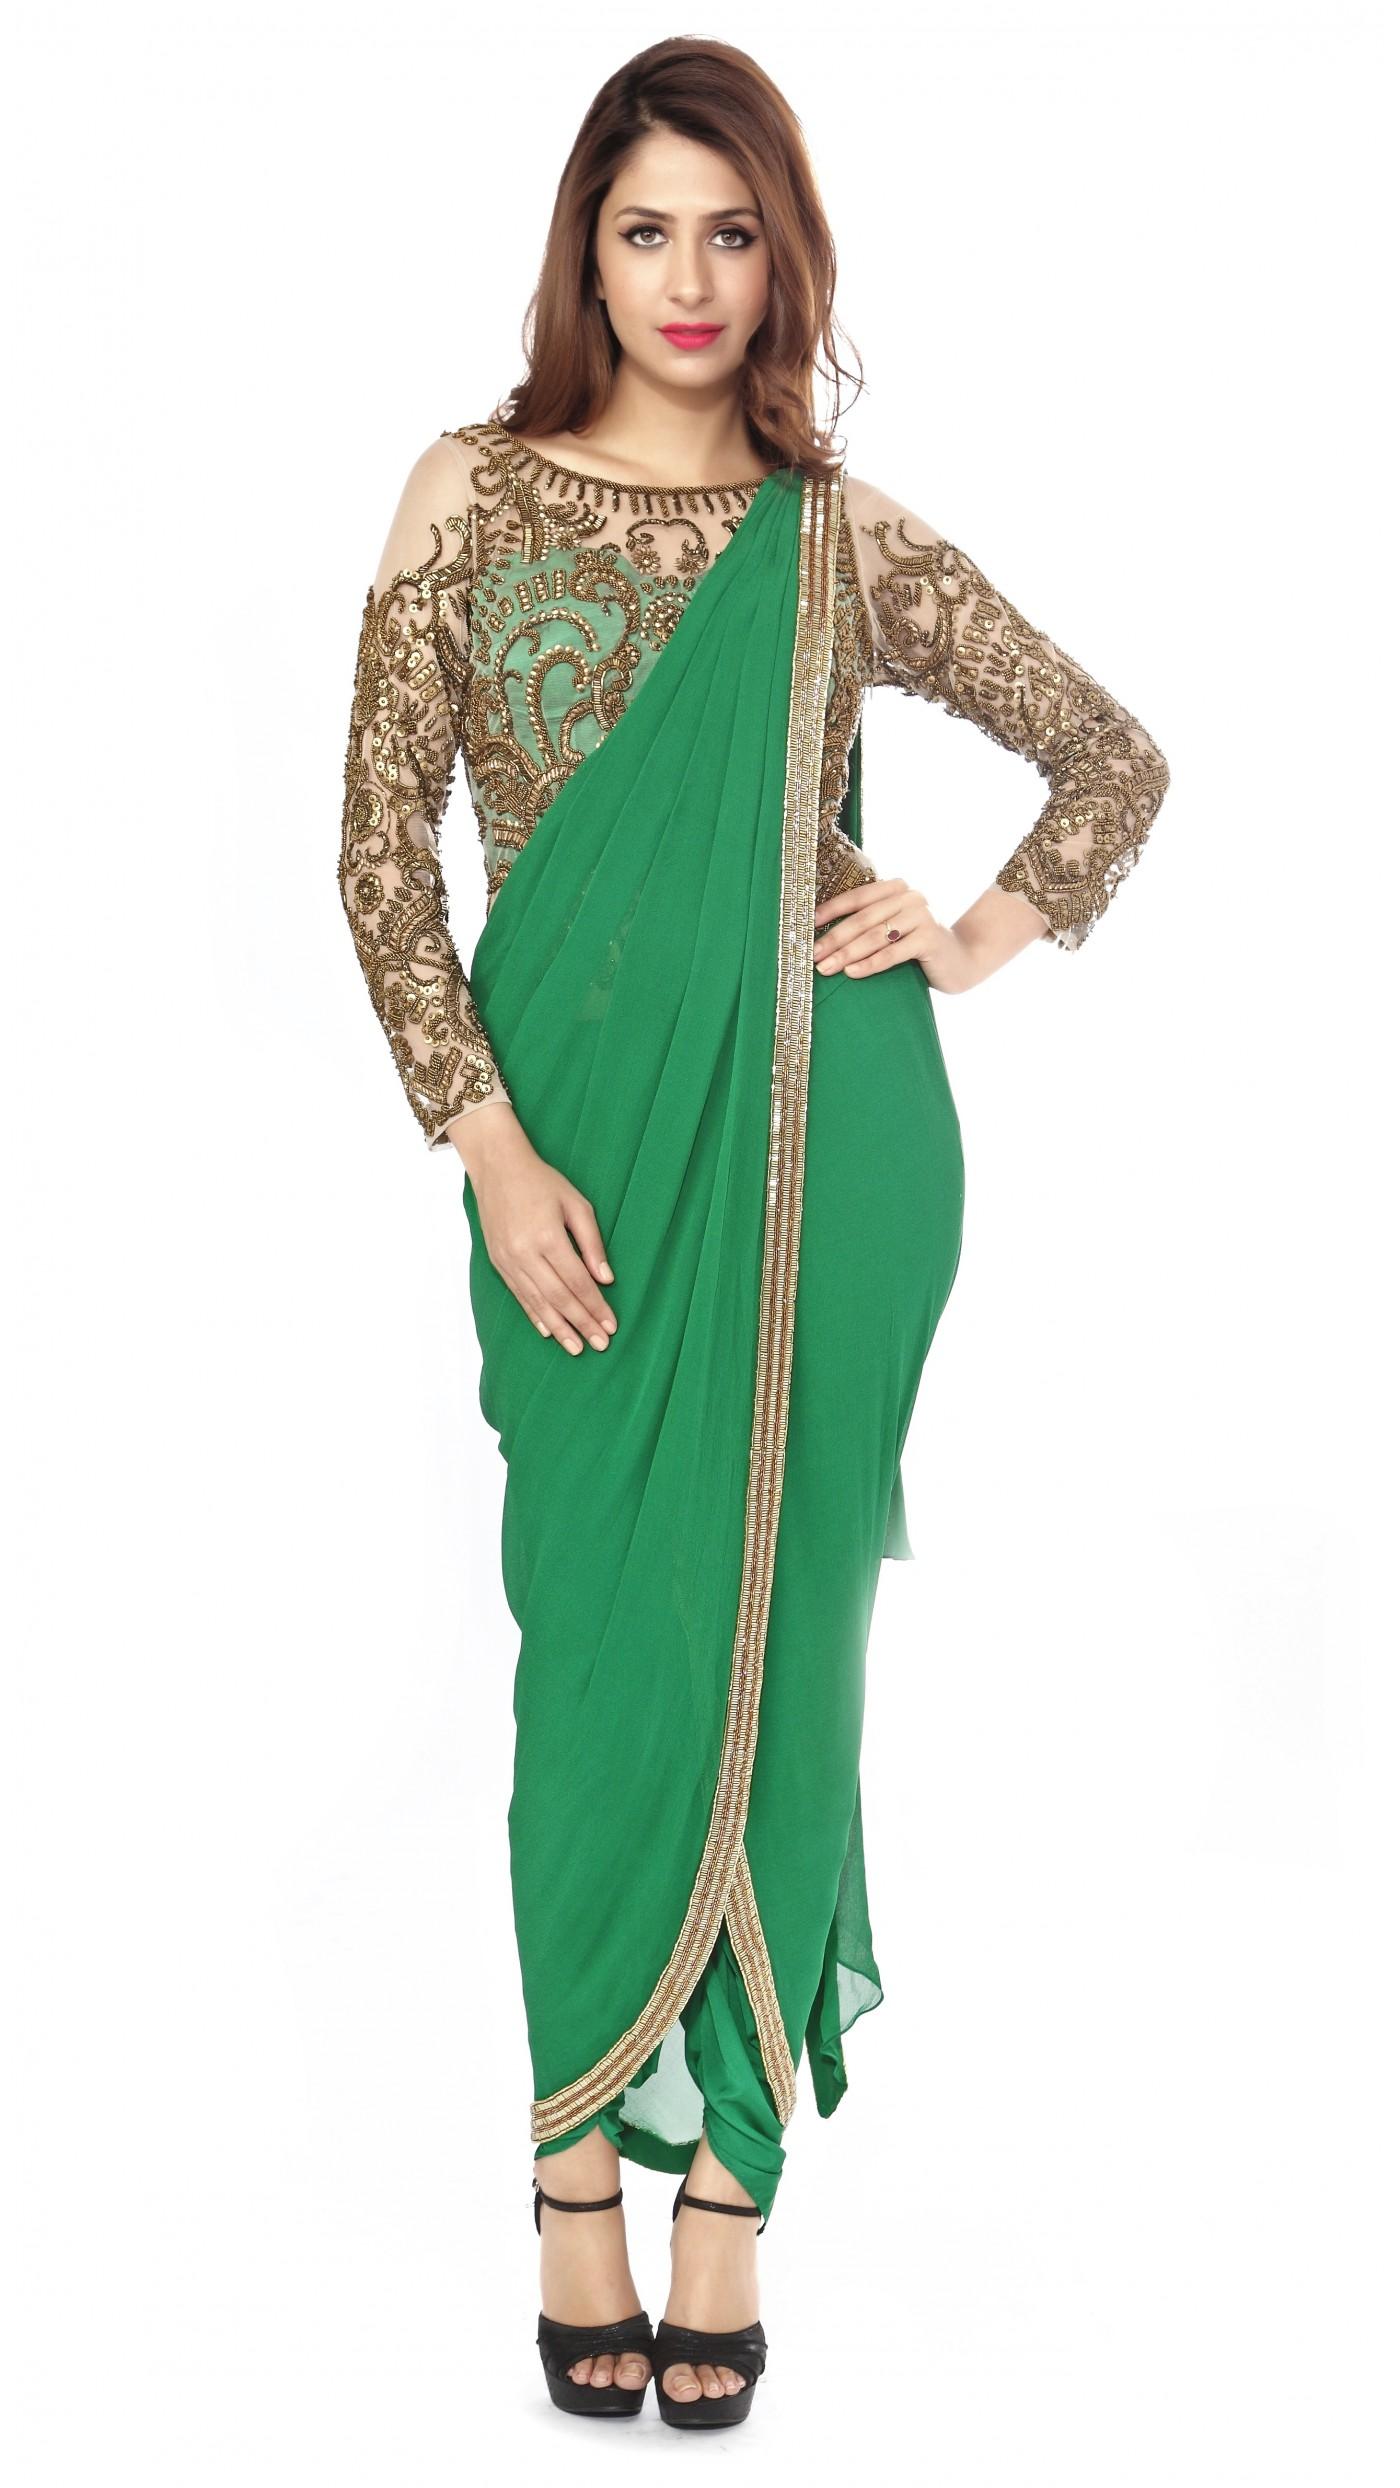 Sonaakshi Raaj 39 S Emerald Green Dhoti Saree Gown